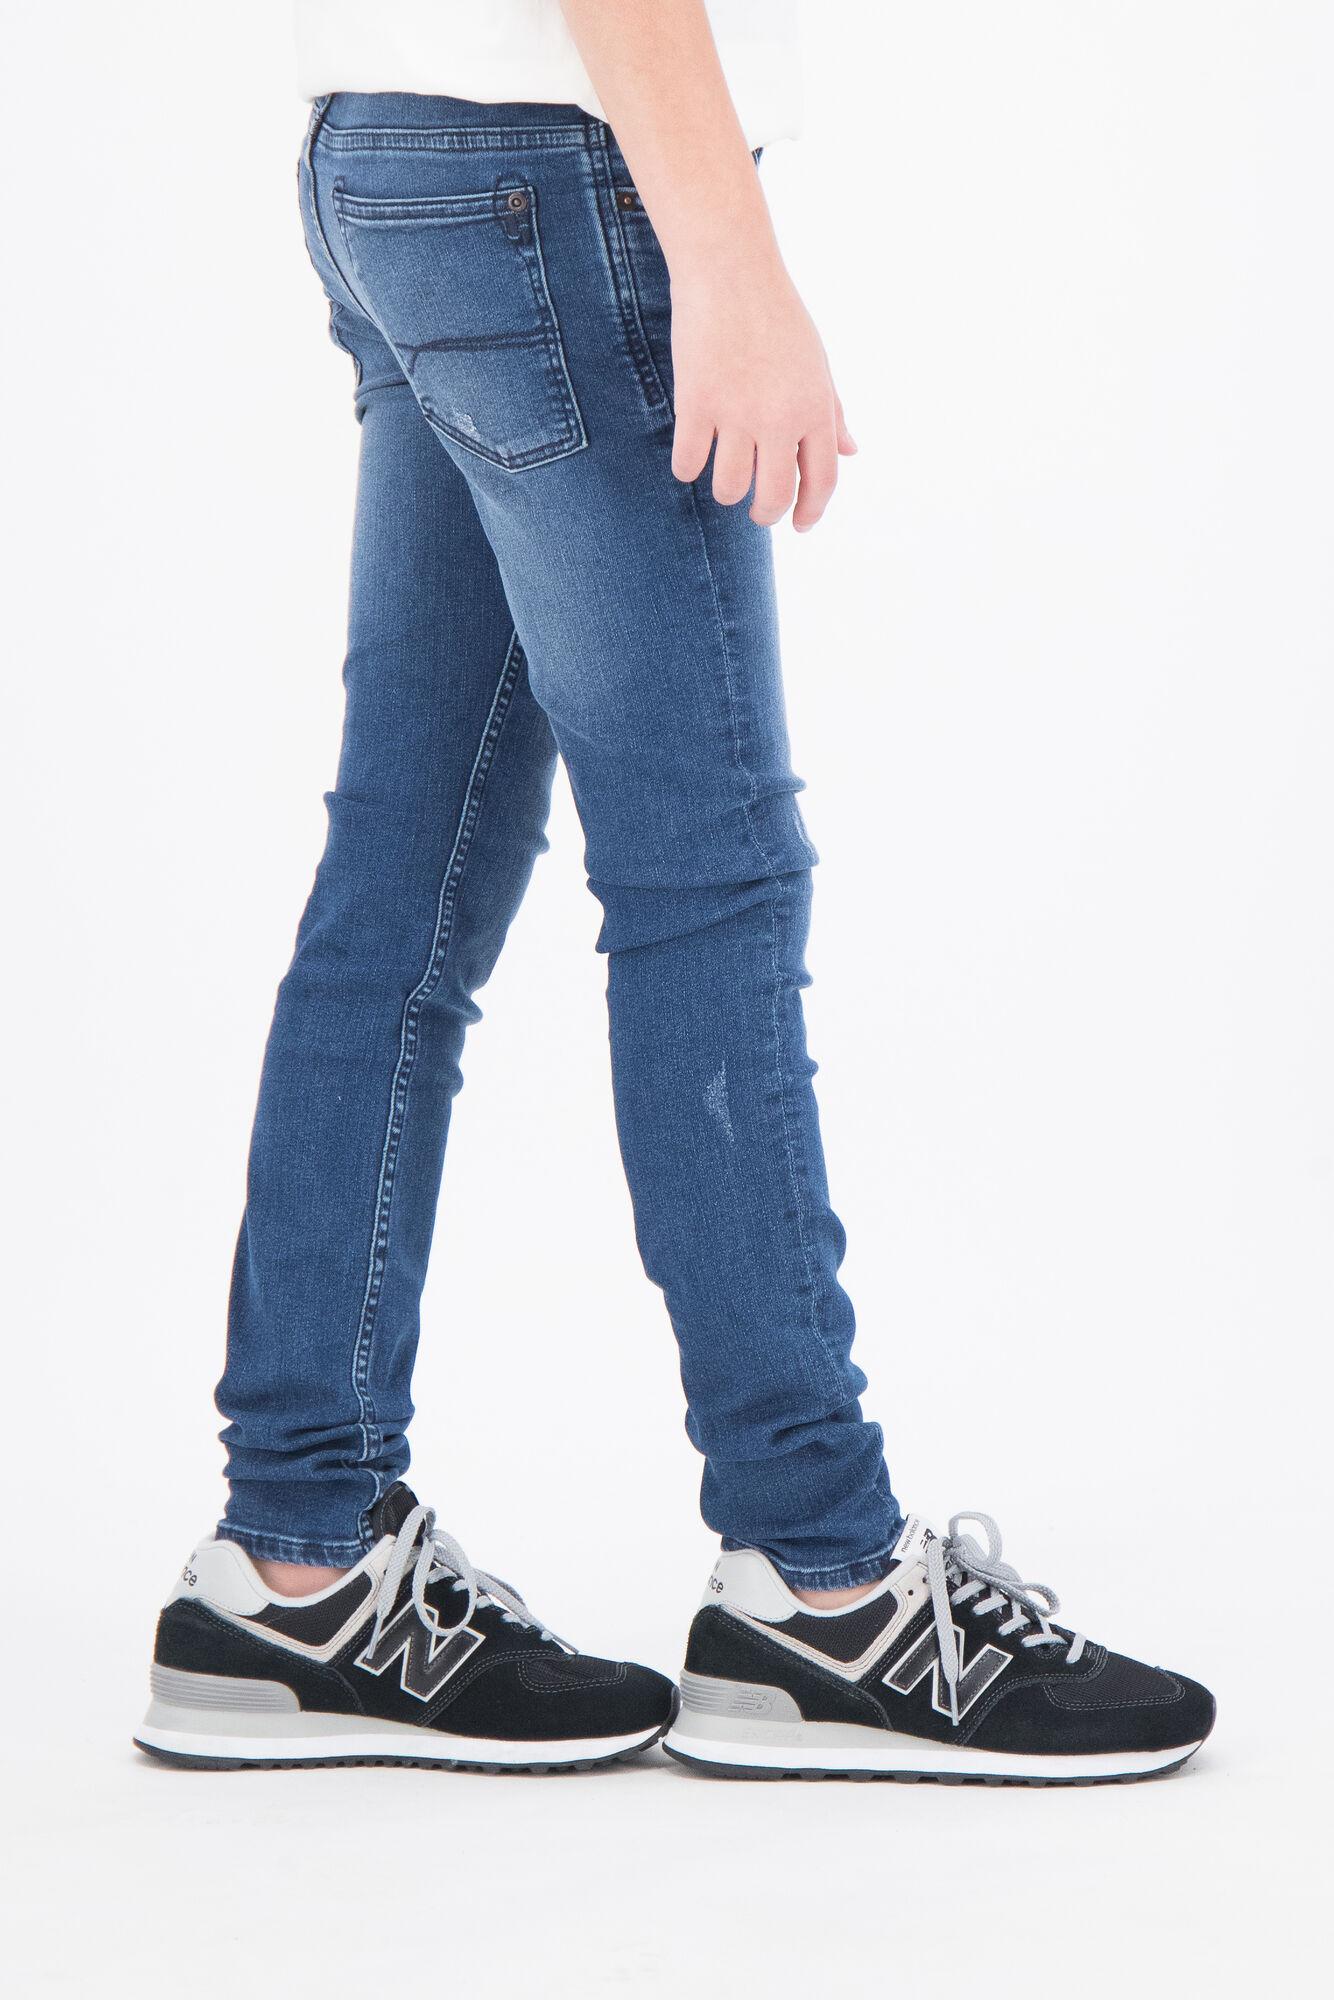 Hosen für schlanke Jungen